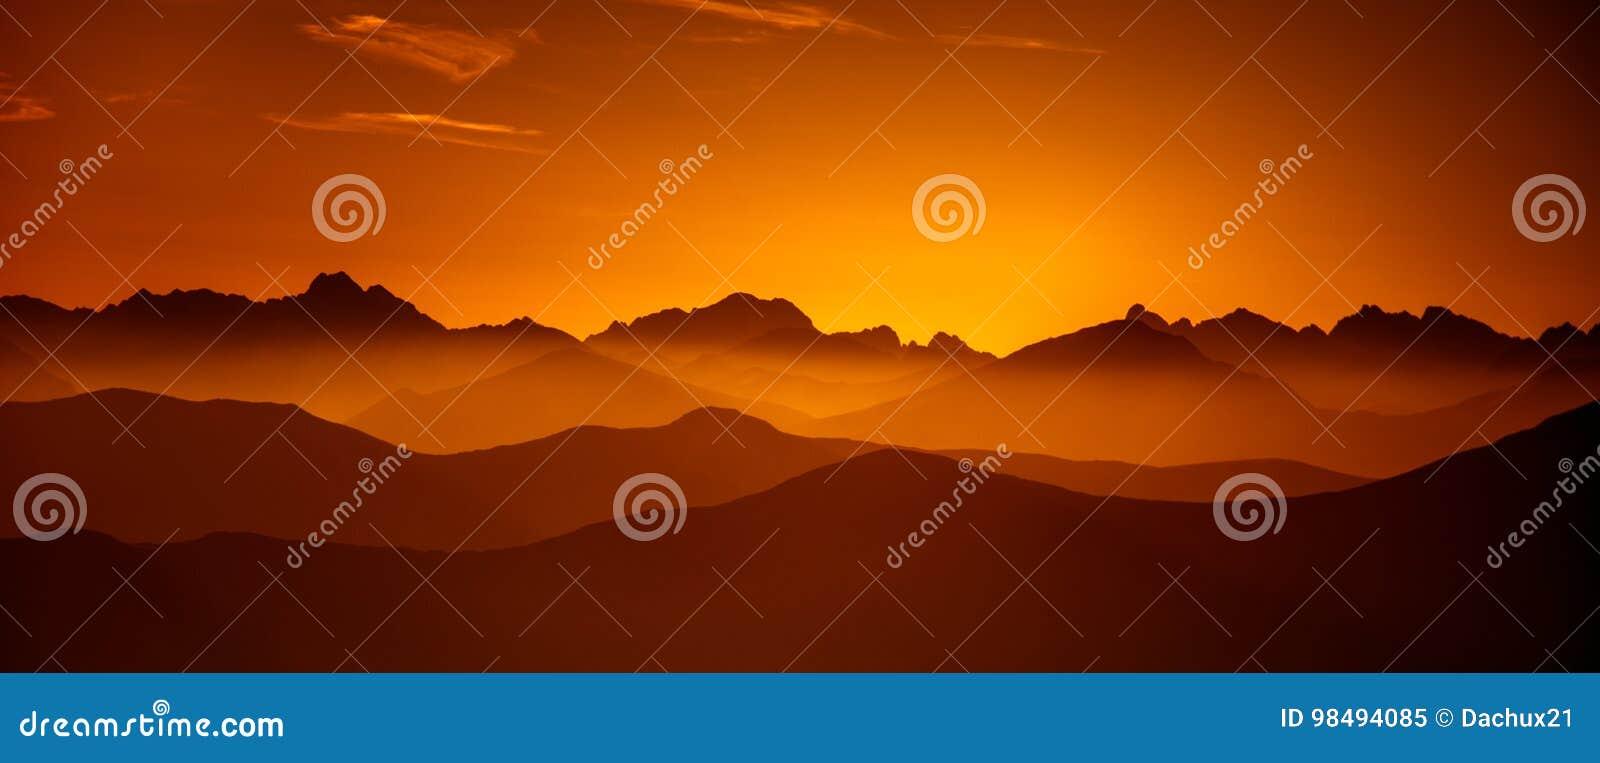 Eine schöne Perspektivenansicht über Berge mit einer Steigung